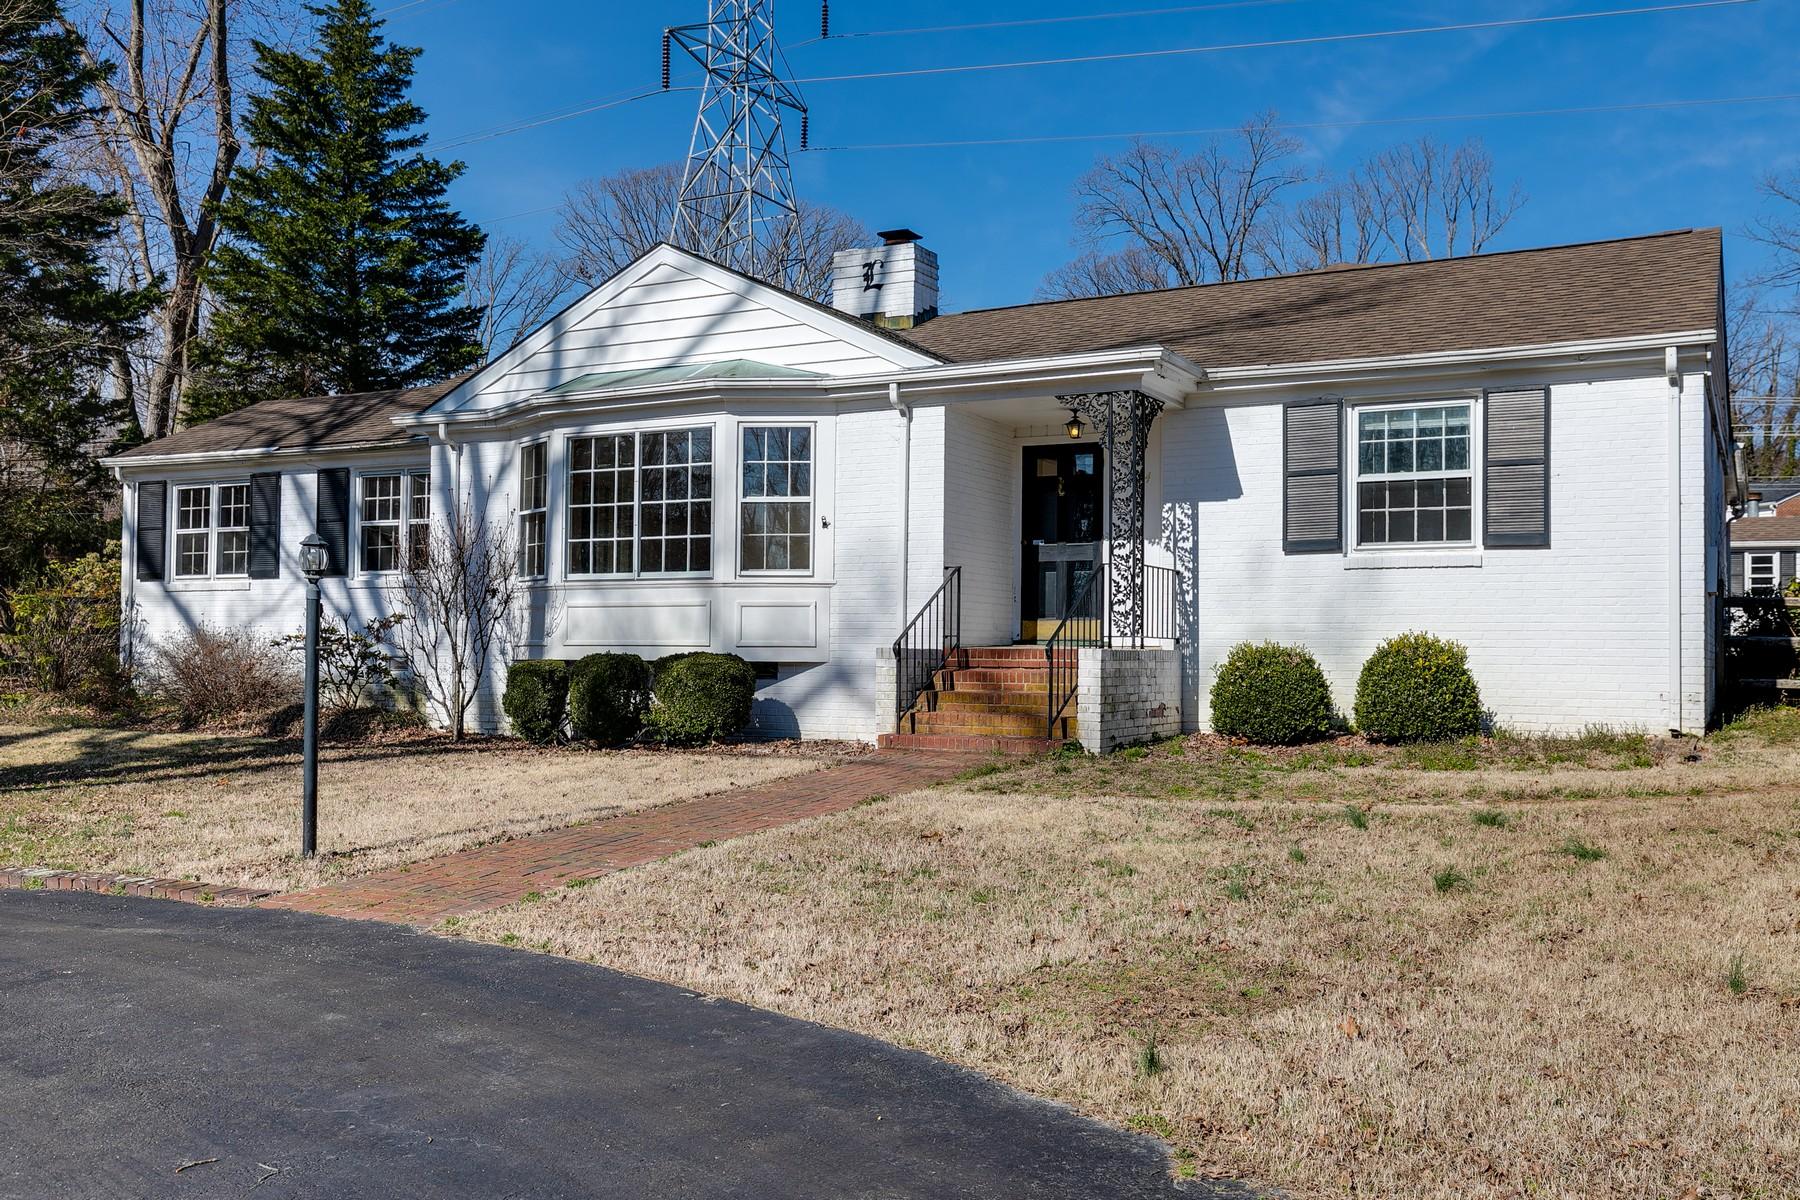 Частный односемейный дом для того Продажа на 704 Keats Road Henrico, Виргиния 23229 Соединенные Штаты